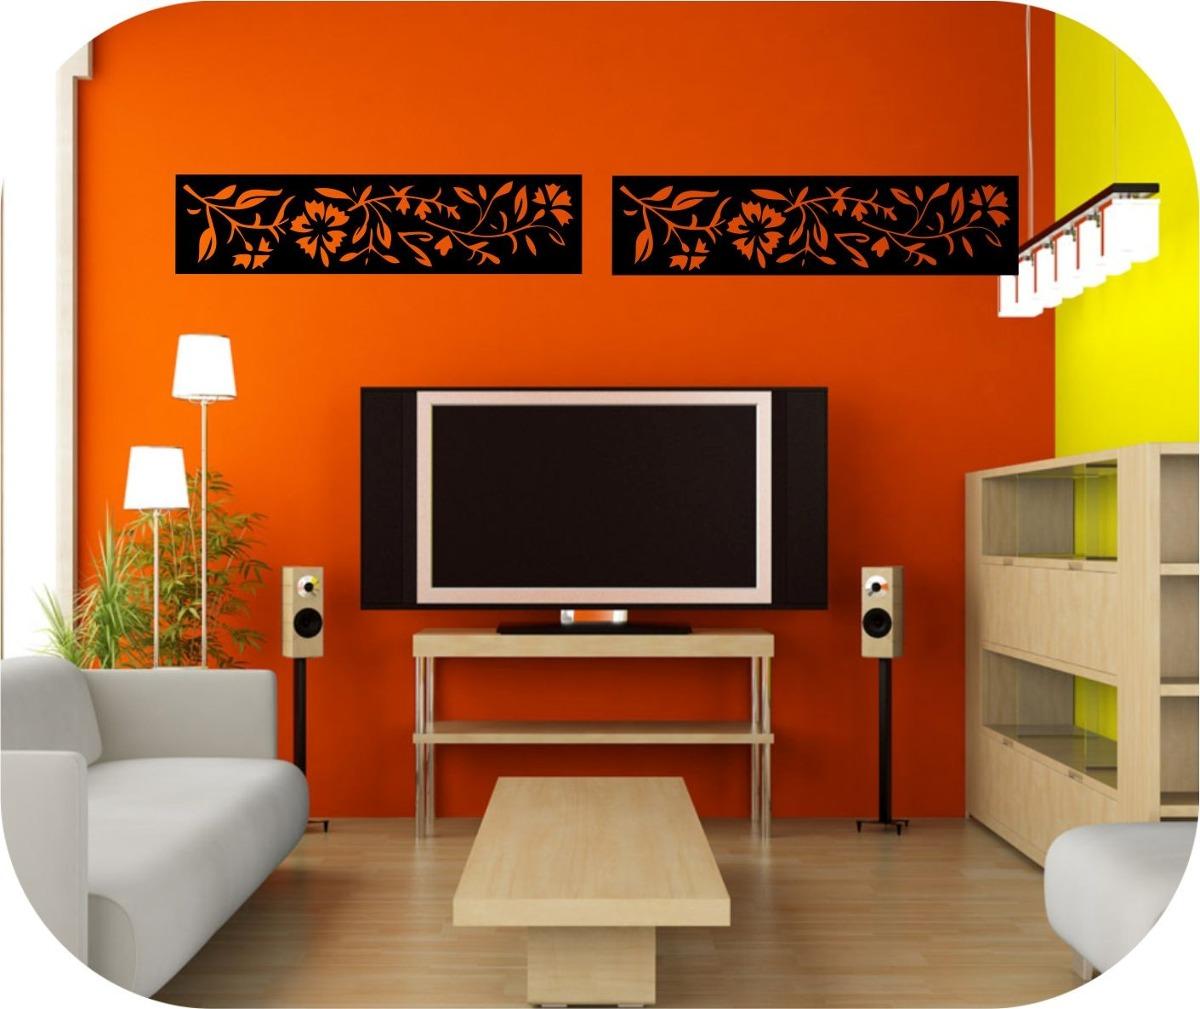 Vinilos decorativos para paredes cenefas cintas en vinilo for Vinilos para pared precios